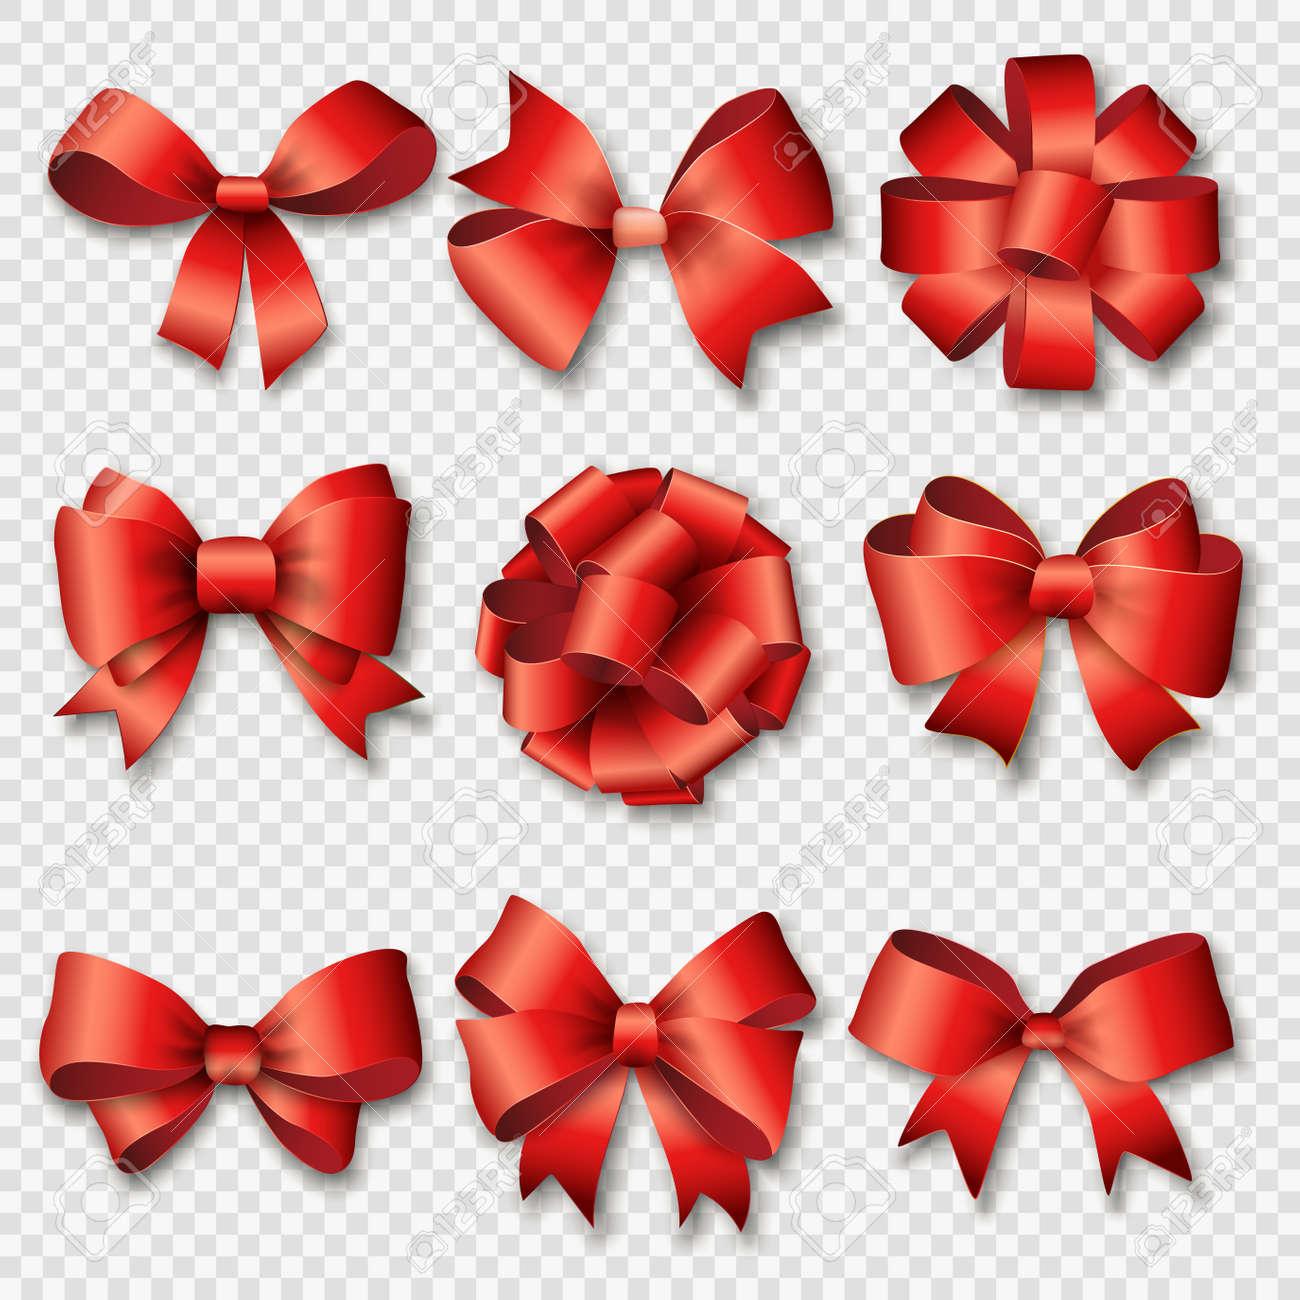 cintas para los regalos de navidad de regalo rojo arquea con las cintas ilustracin